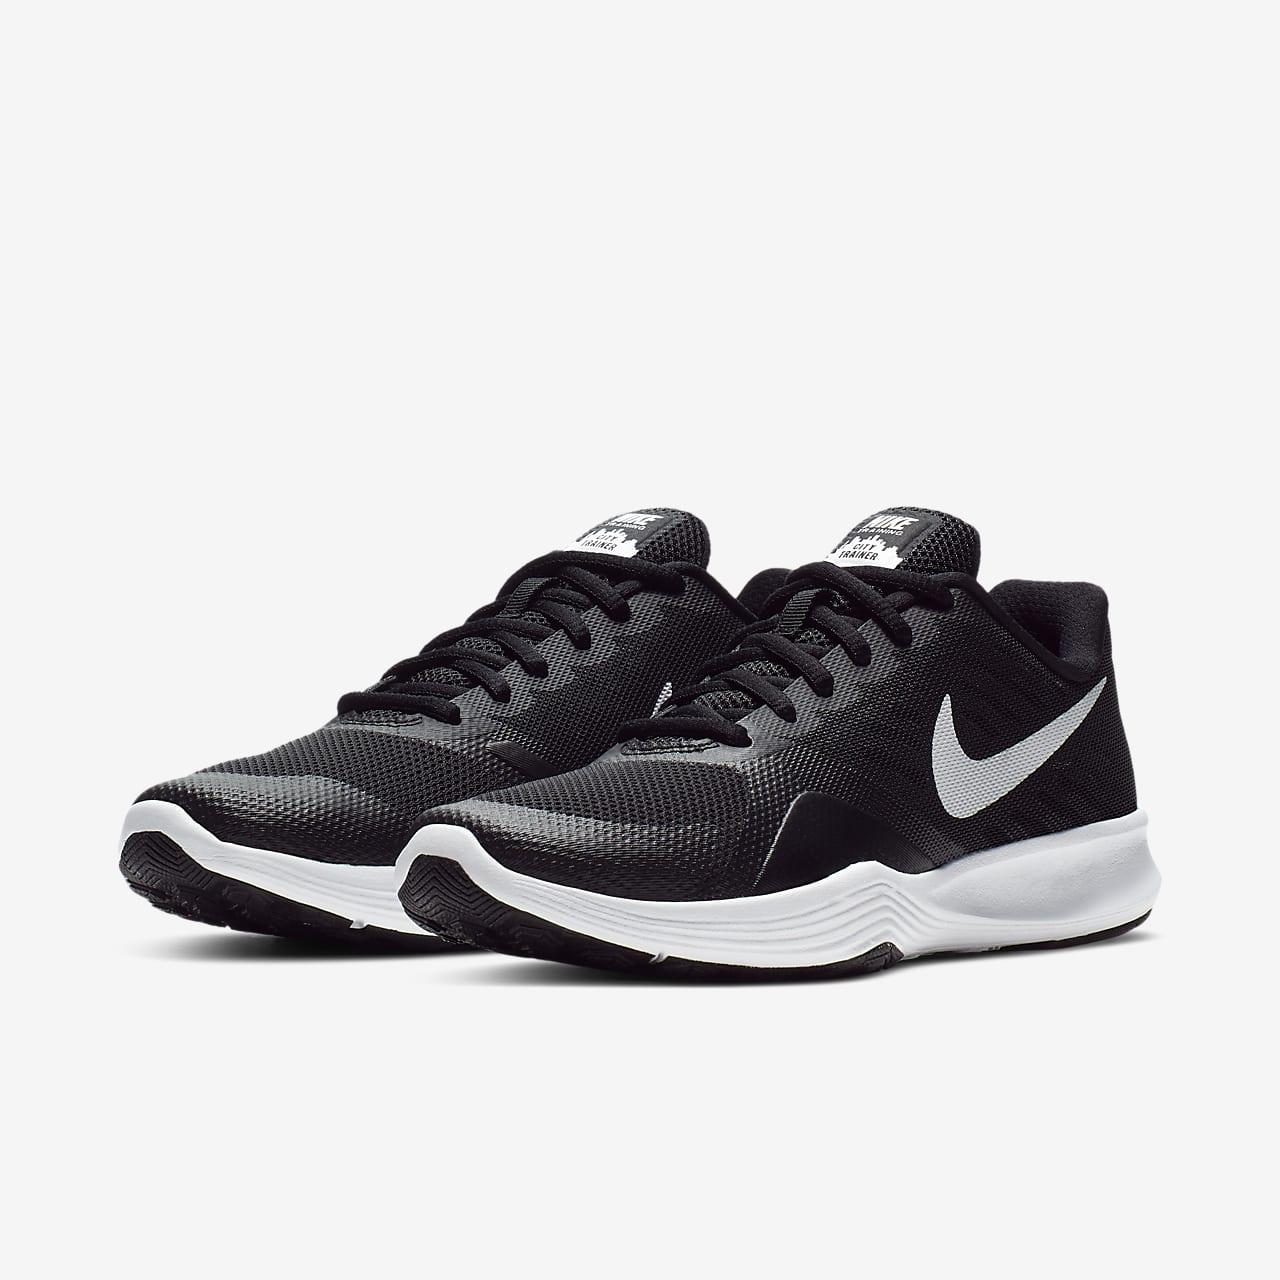 유럽직배송 나이키 NIKE Nike City Trainer Women's Training Shoe 909013-001